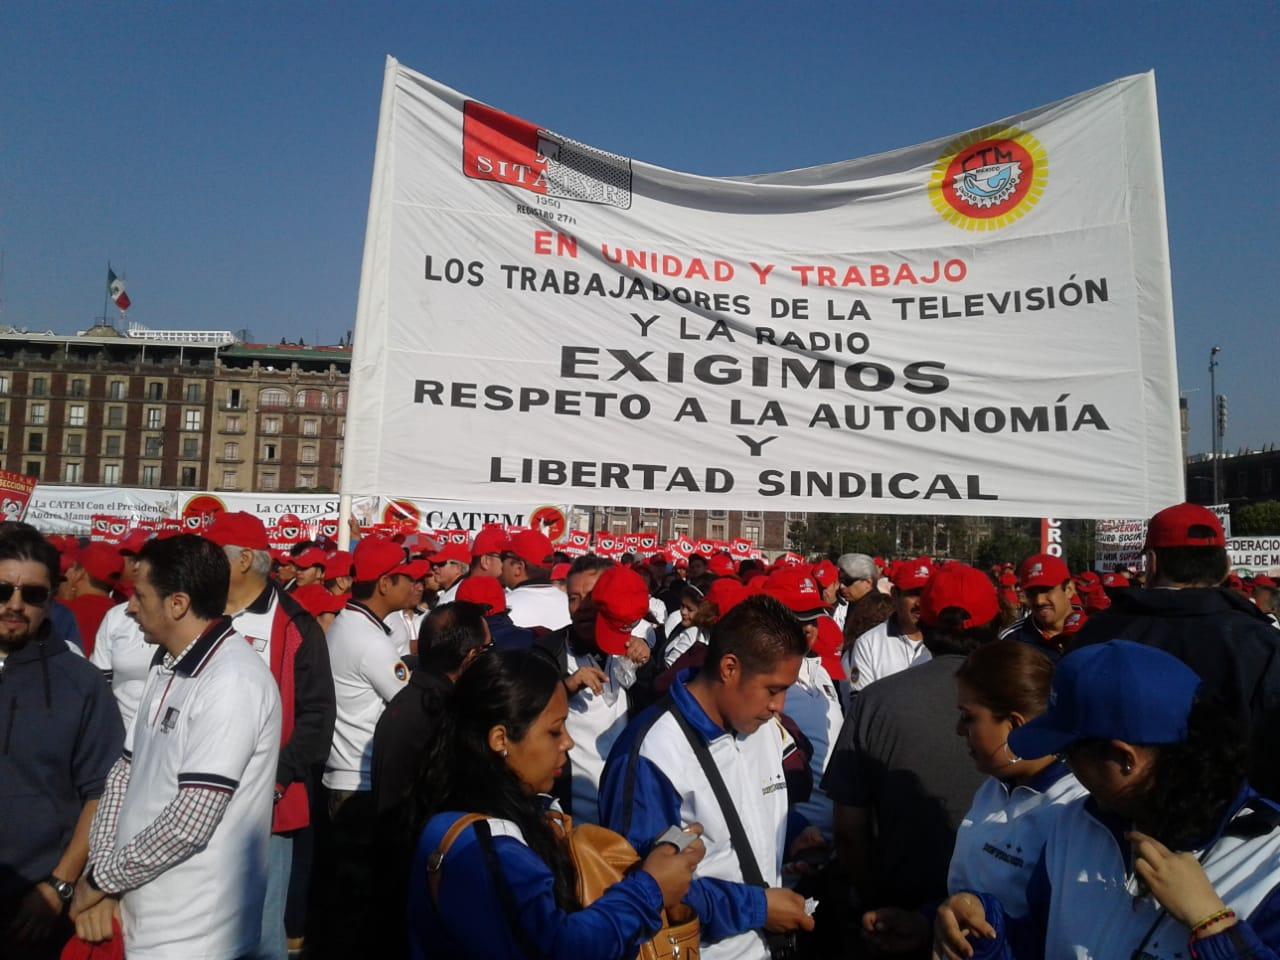 FOTO Zócalo CDMX reúne a sindicatos por Día del Trabajo (S.Servín 1 de mayo 2019 cdmx)